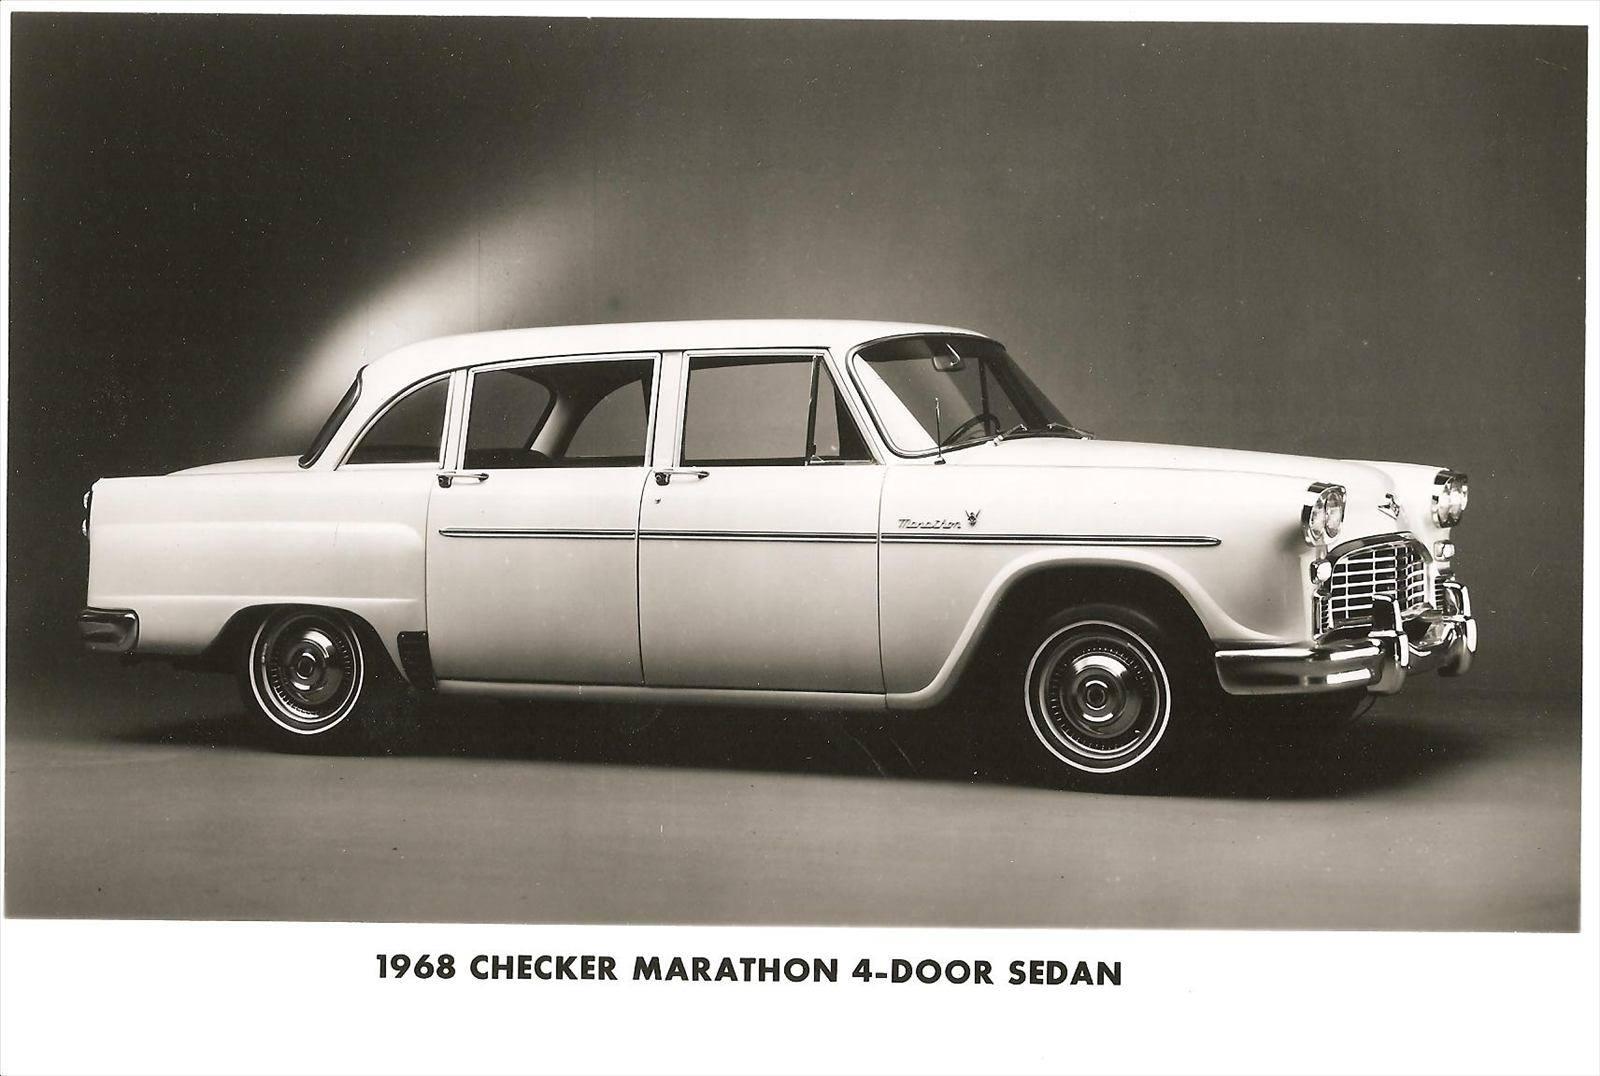 1968 Checker Marathon